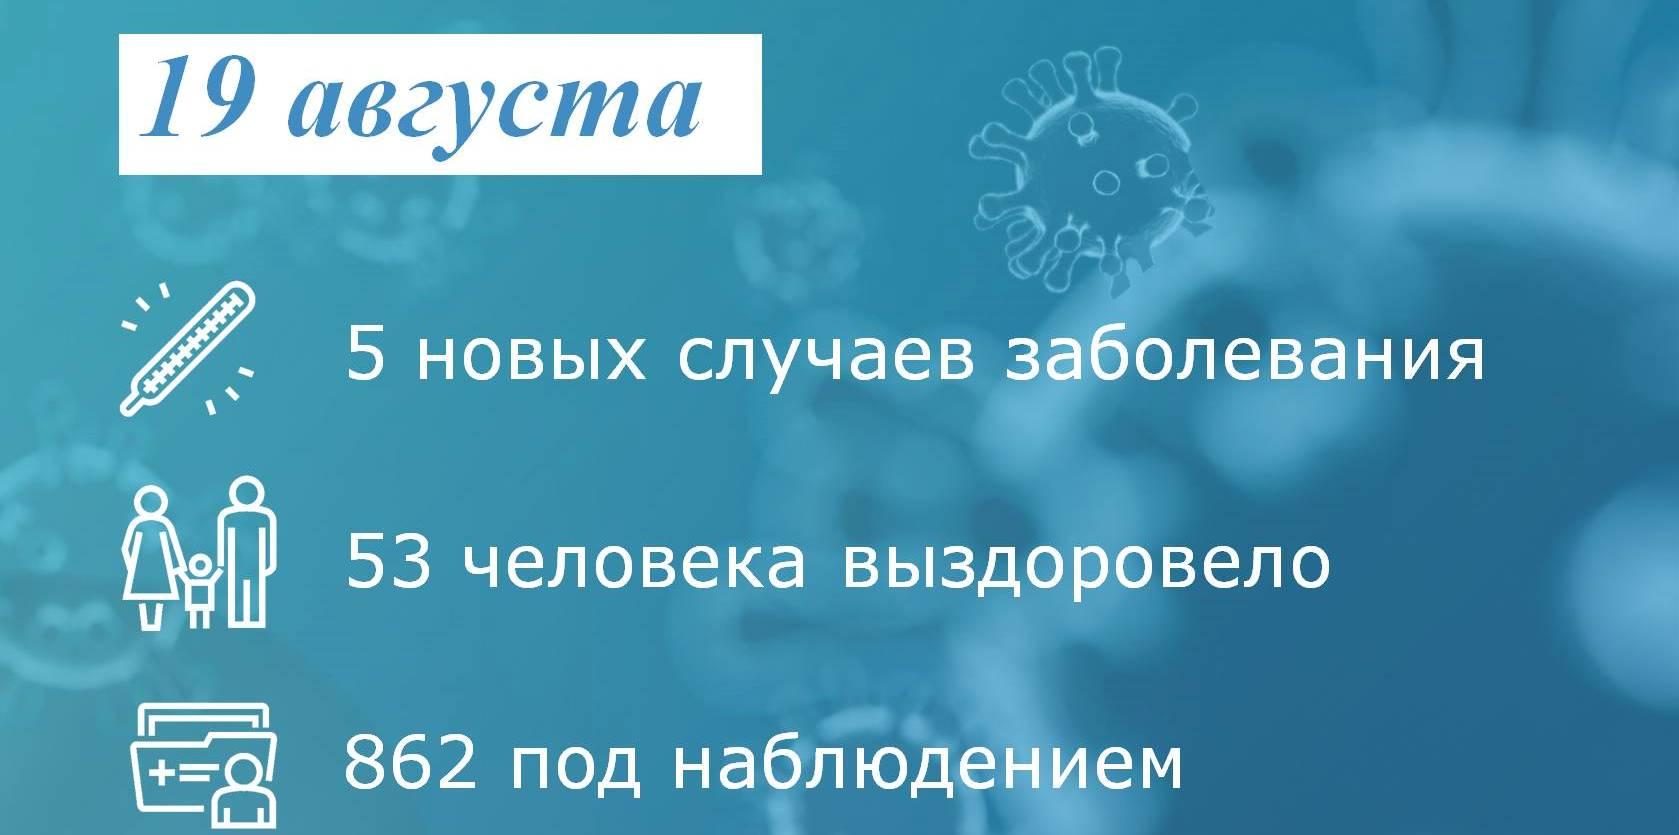 Коронавирус: в Таганроге заболели еще 5 человек